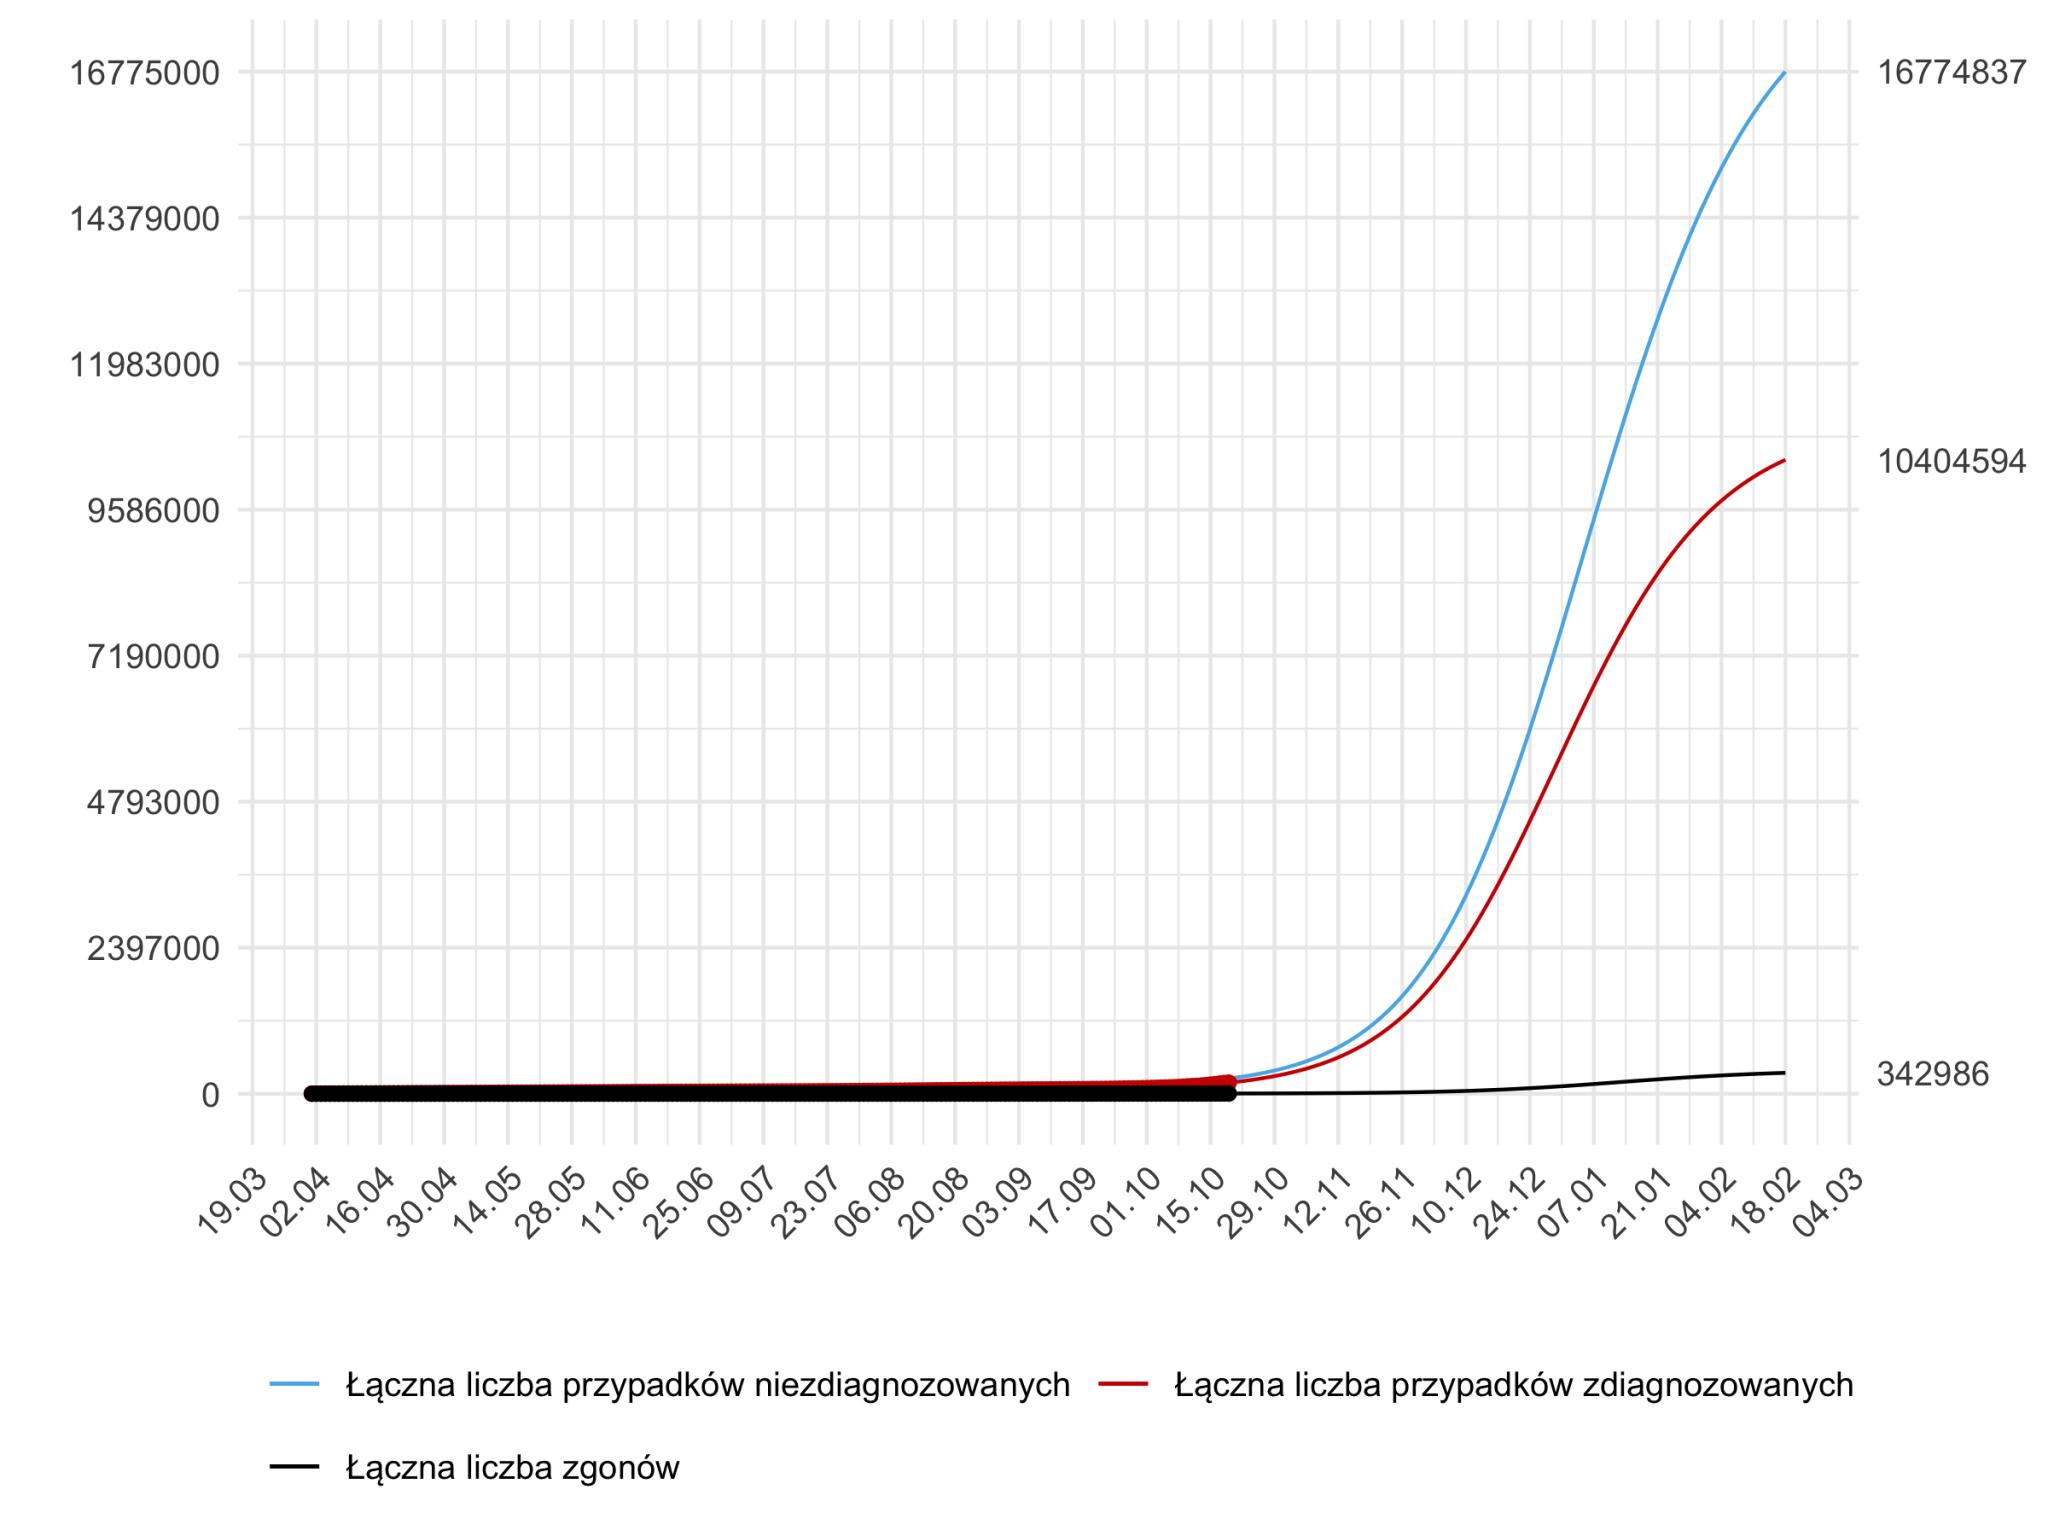 Długoterminowa prognoza łącznej liczby zdiagnozowanych i niezdiagnozowanych przypadków koronawirusa w Polsce (model stochastyczny, 22 października 2020)